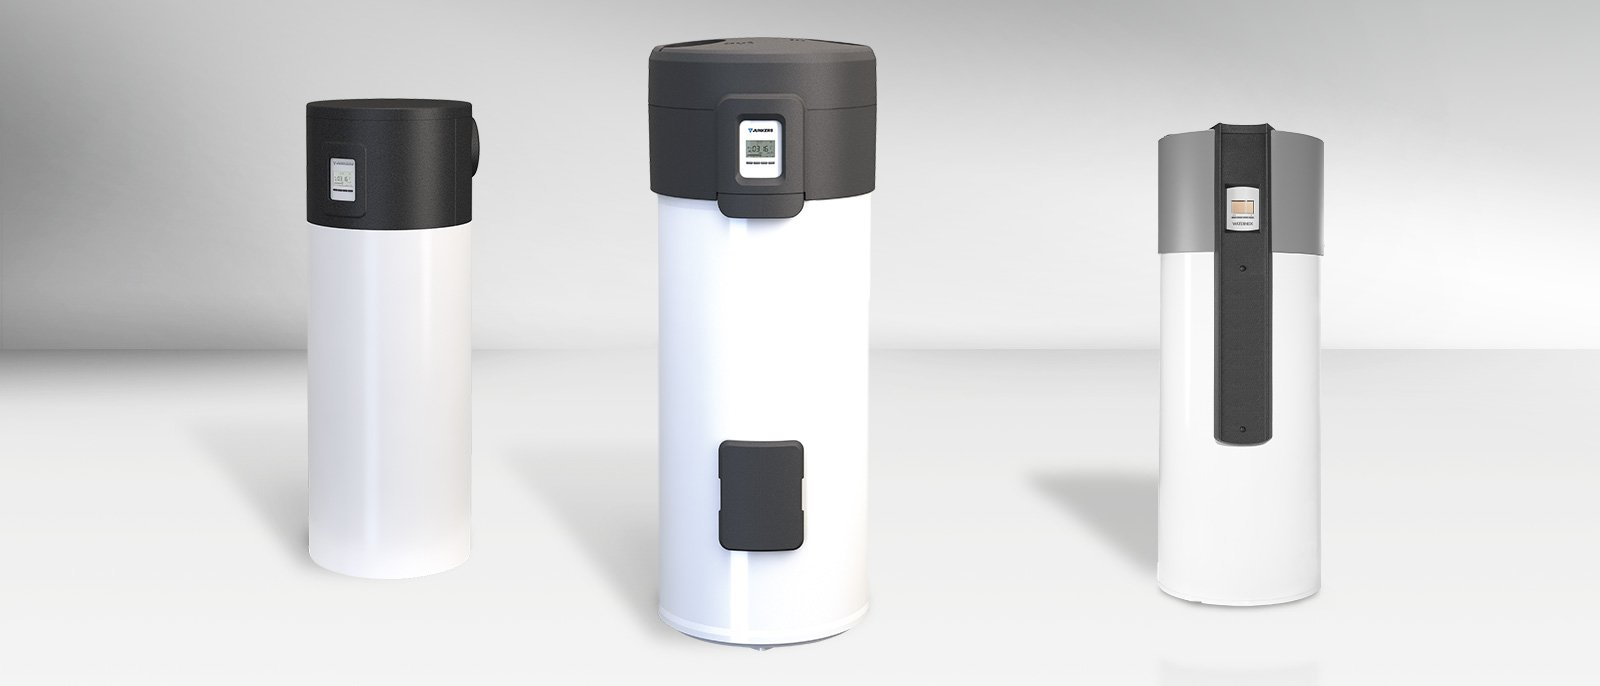 Bombas de calor para produção de água quente